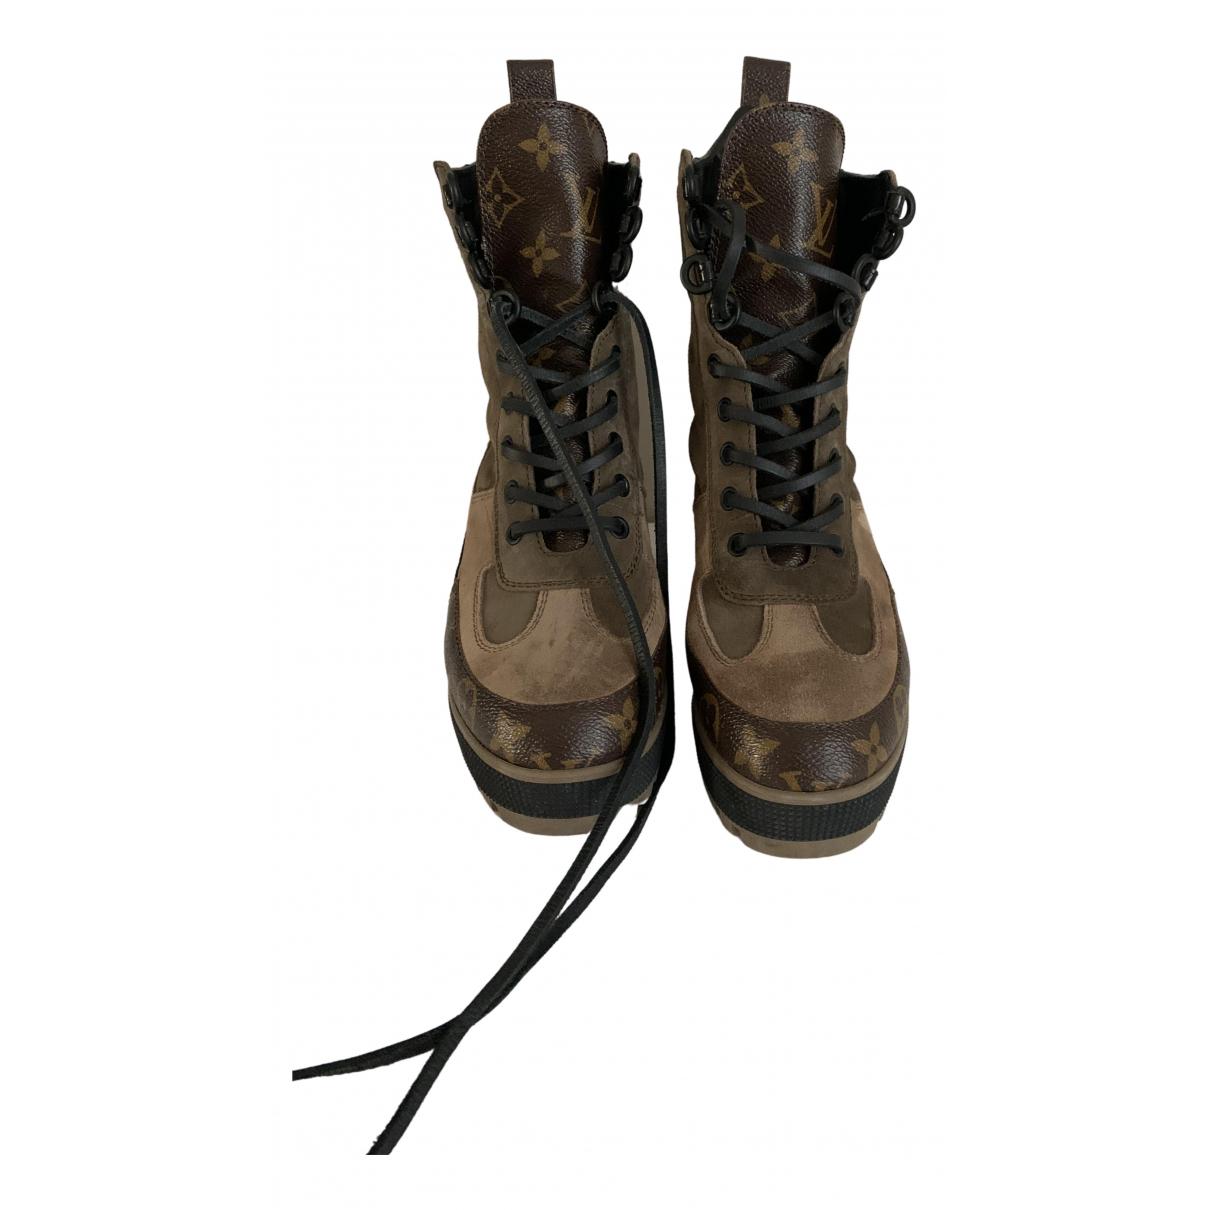 Louis Vuitton Laureate Khaki Leather Ankle boots for Women 36 EU